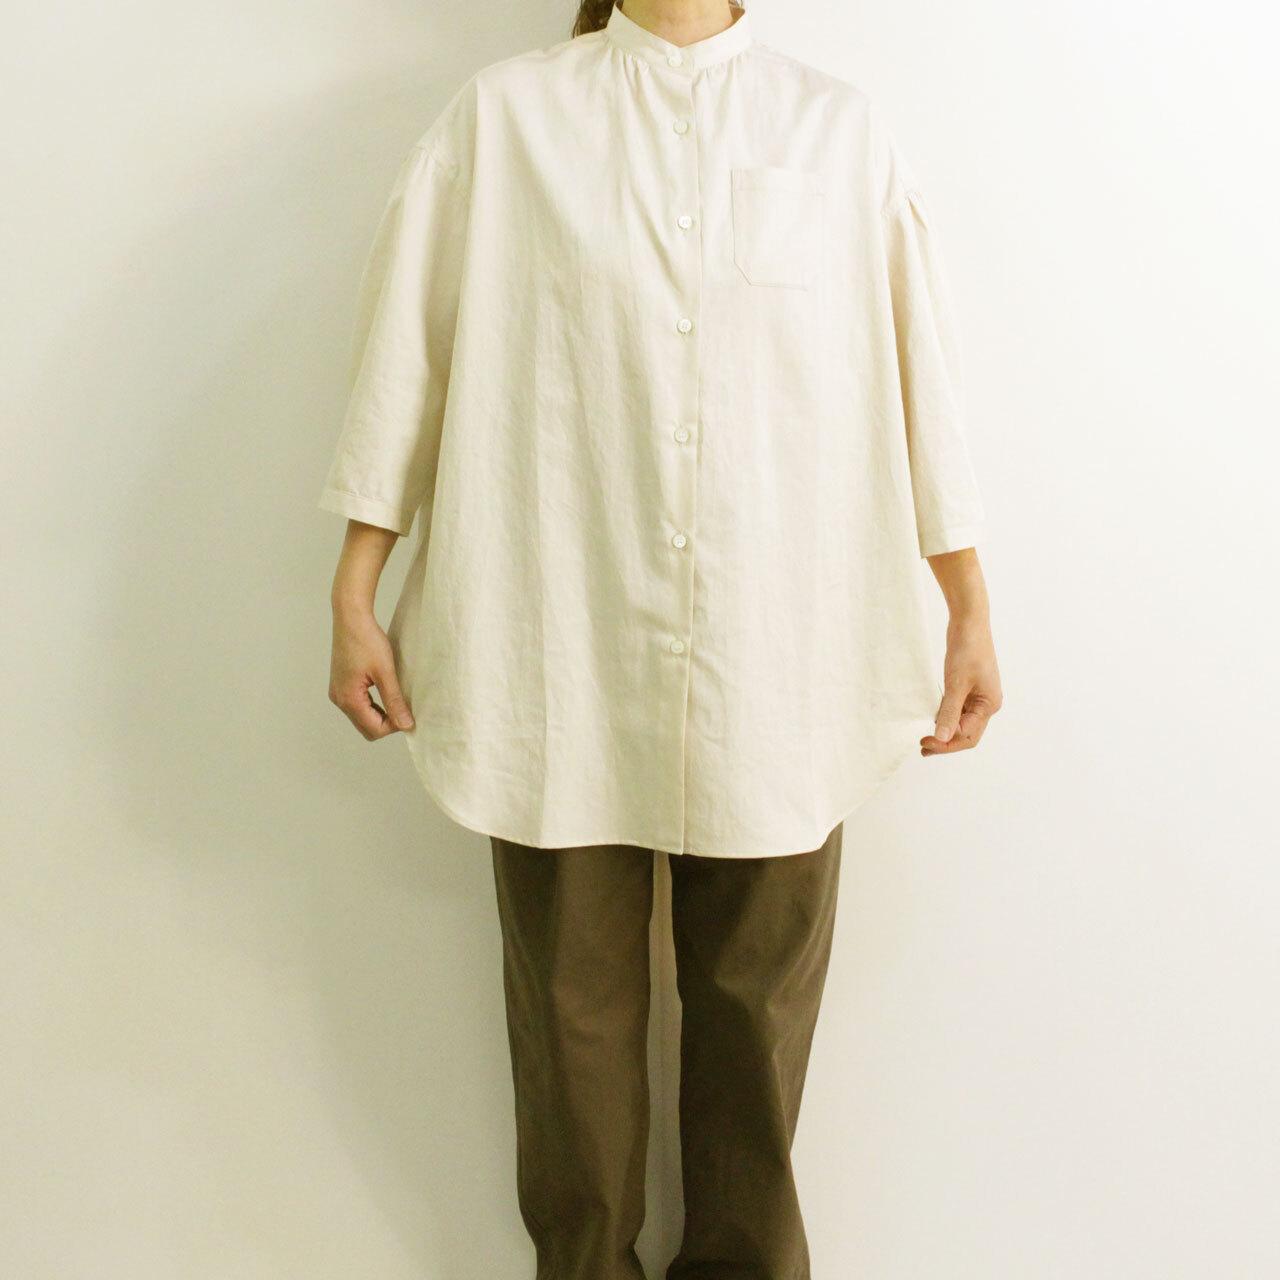 COMM.ARCH  コム・アーチ SUPIMA SATIN TUNIC SHIRT スーピマコットン サテンチュニックシャツ